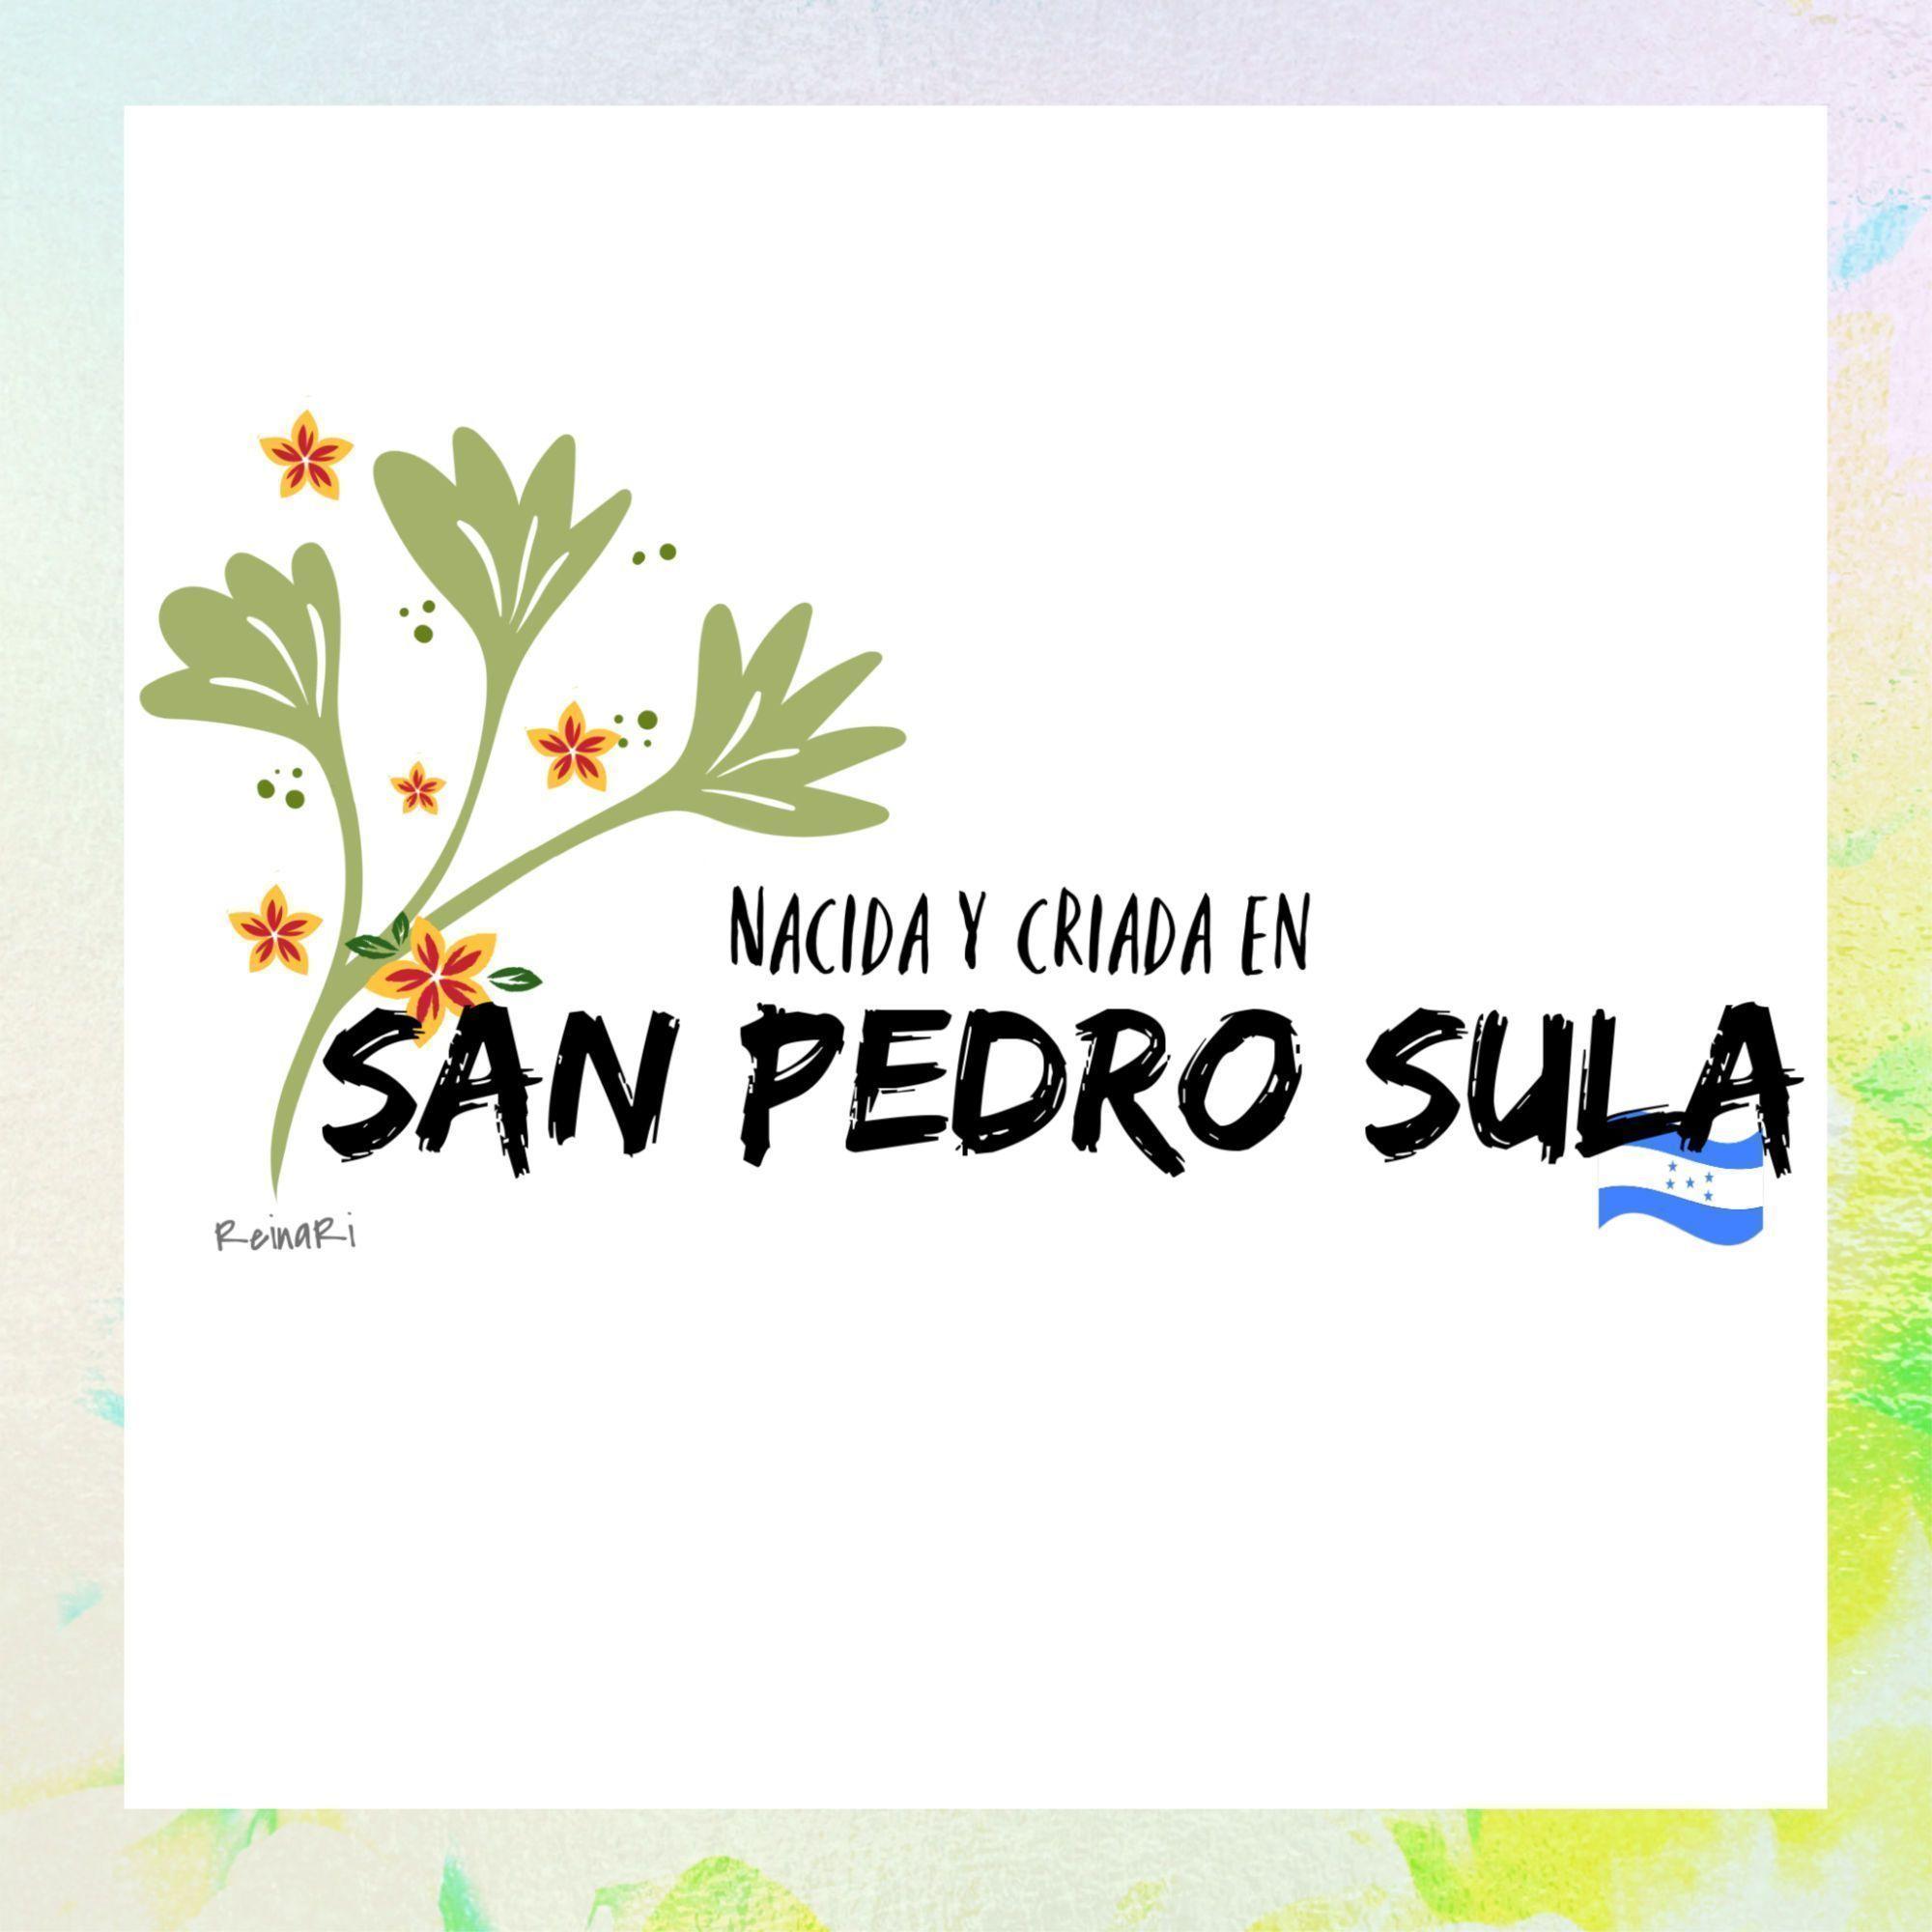 San Pedro Sula Honduras #sanpedrosula Nacida y criada en la bella ciudad de San Pedro Sula, Honduras. Hacé Click para encontrar más postales para saludar y compartir /  #tarjetas #saludos #postales #SanPerdroSula #Honduras #sanpedrosula San Pedro Sula Honduras #sanpedrosula Nacida y criada en la bella ciudad de San Pedro Sula, Honduras. Hacé Click para encontrar más postales para saludar y compartir /  #tarjetas #saludos #postales #SanPerdroSula #Honduras #sanpedrosula San Pedro Sula Hondura #sanpedrosula